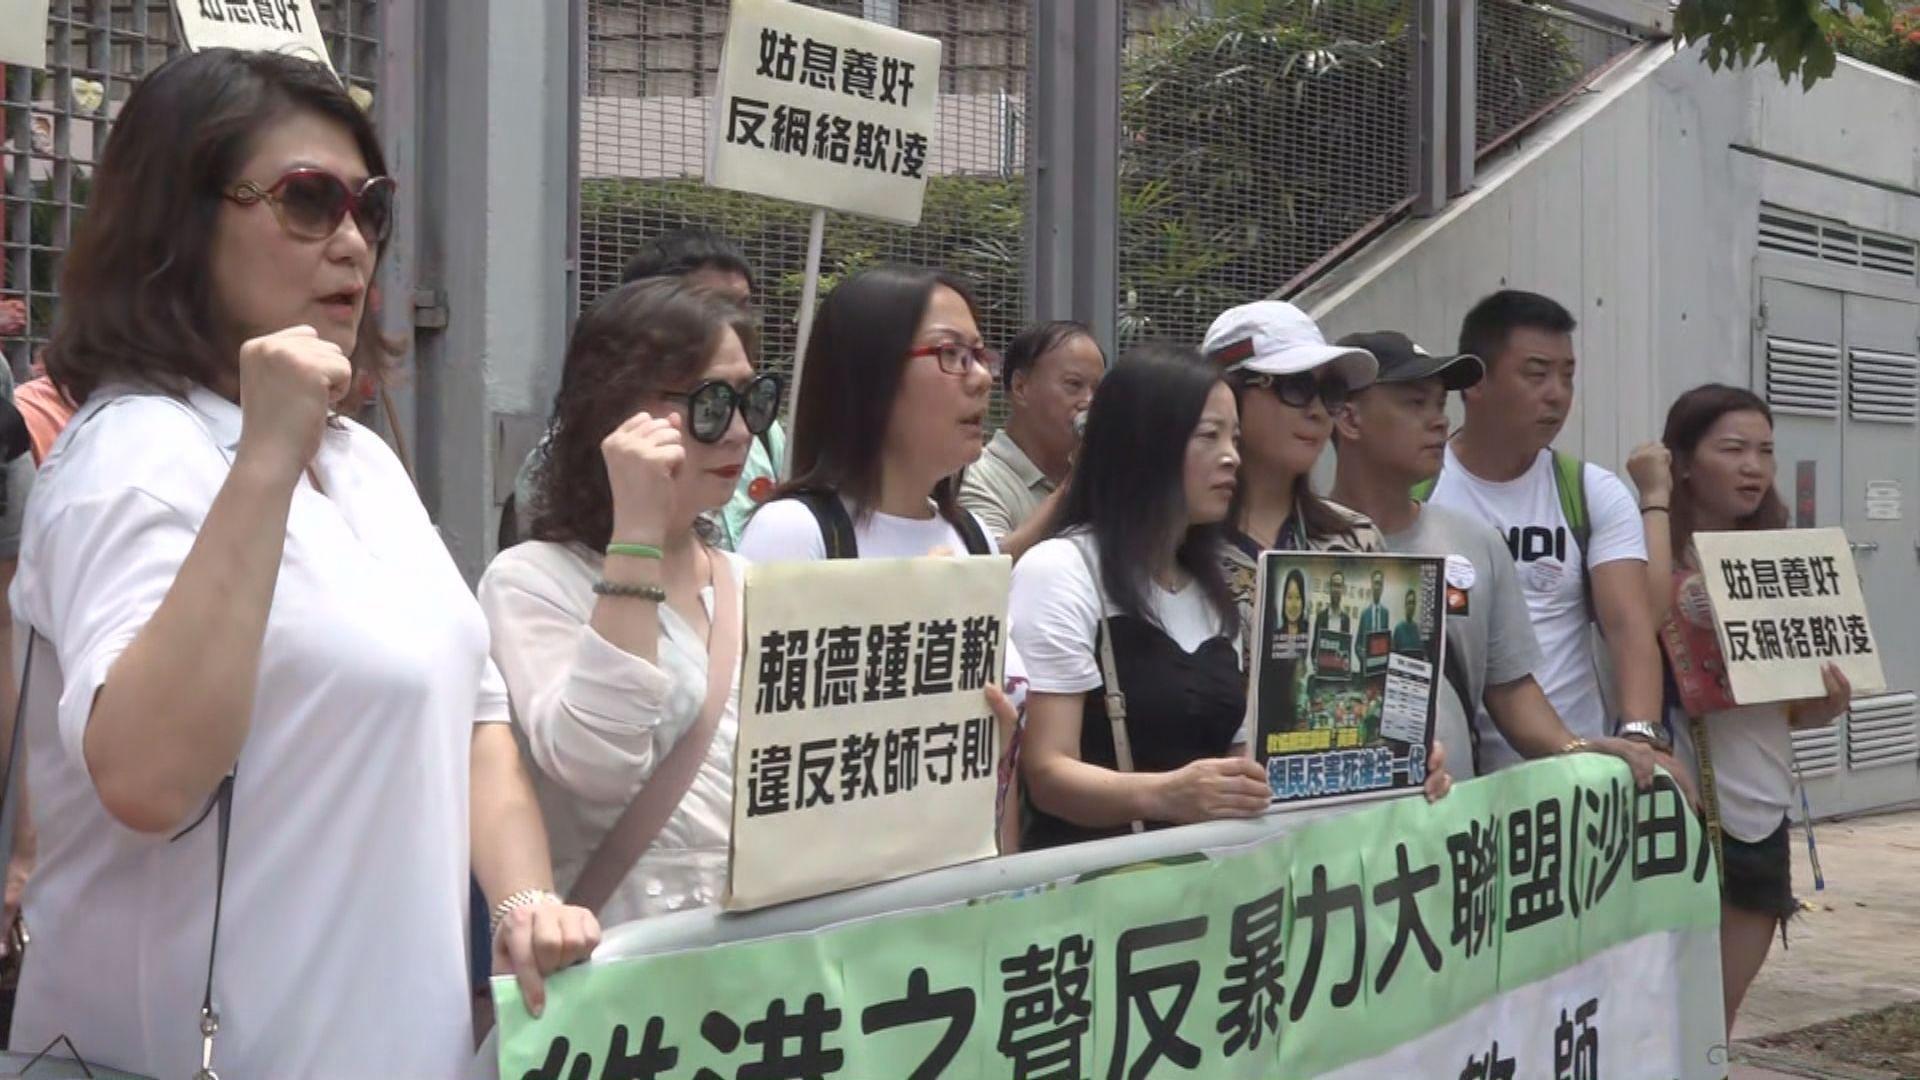 團體嘉諾撒聖心書院及英華女學校外抗議